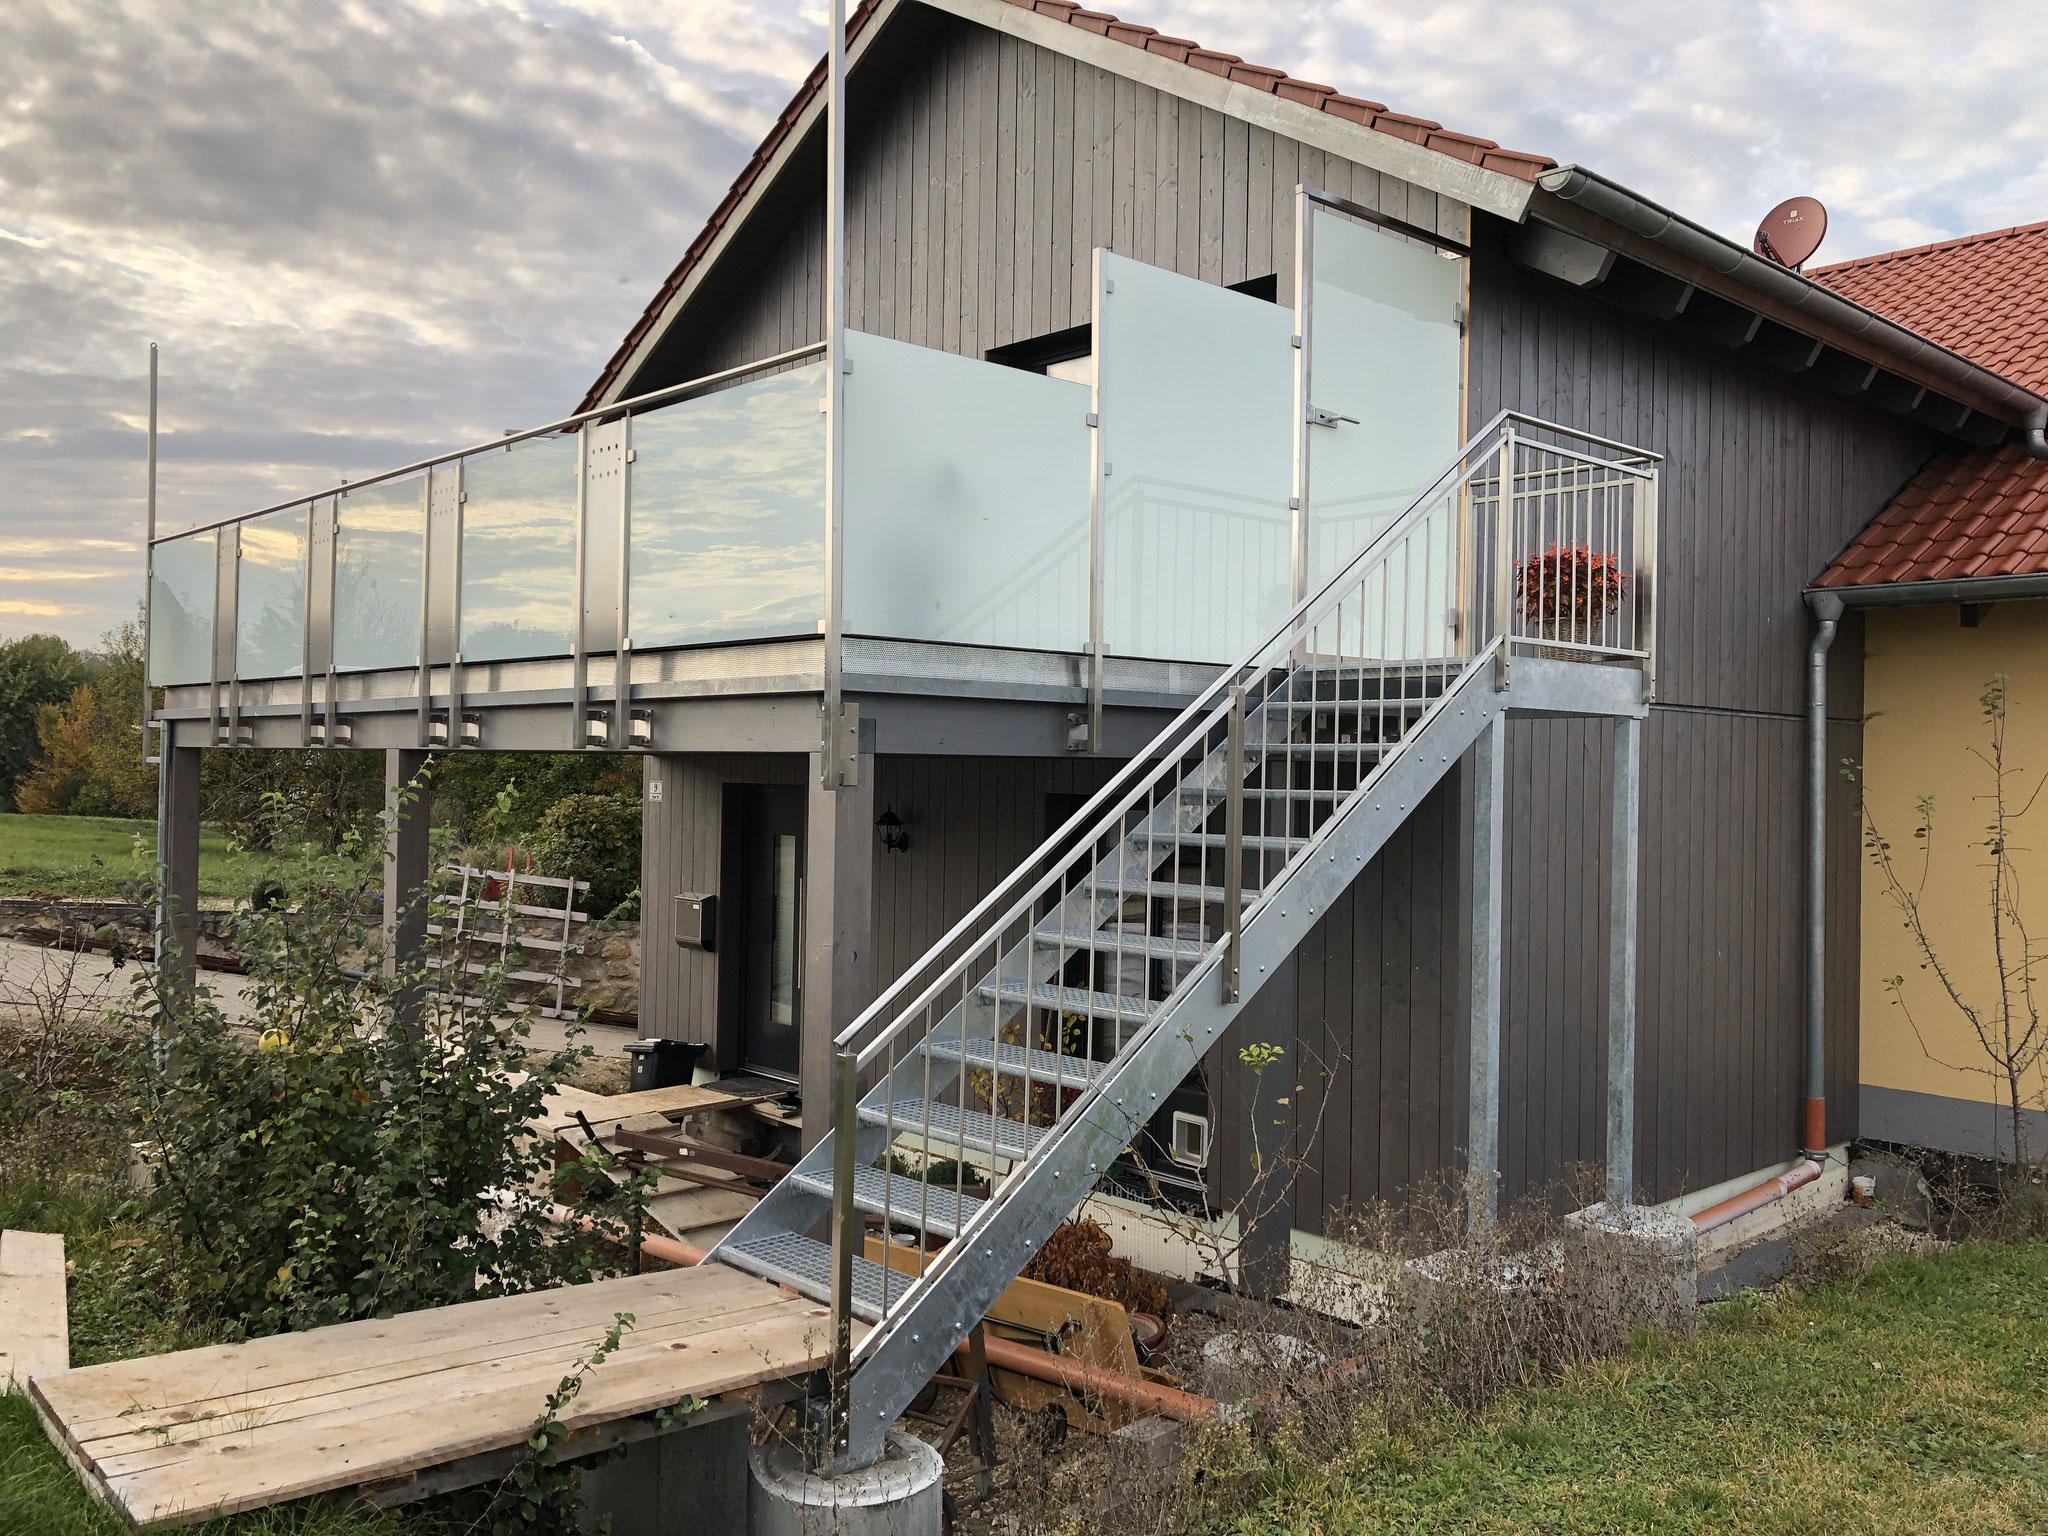 Balkongeländer, Treppe und Türe